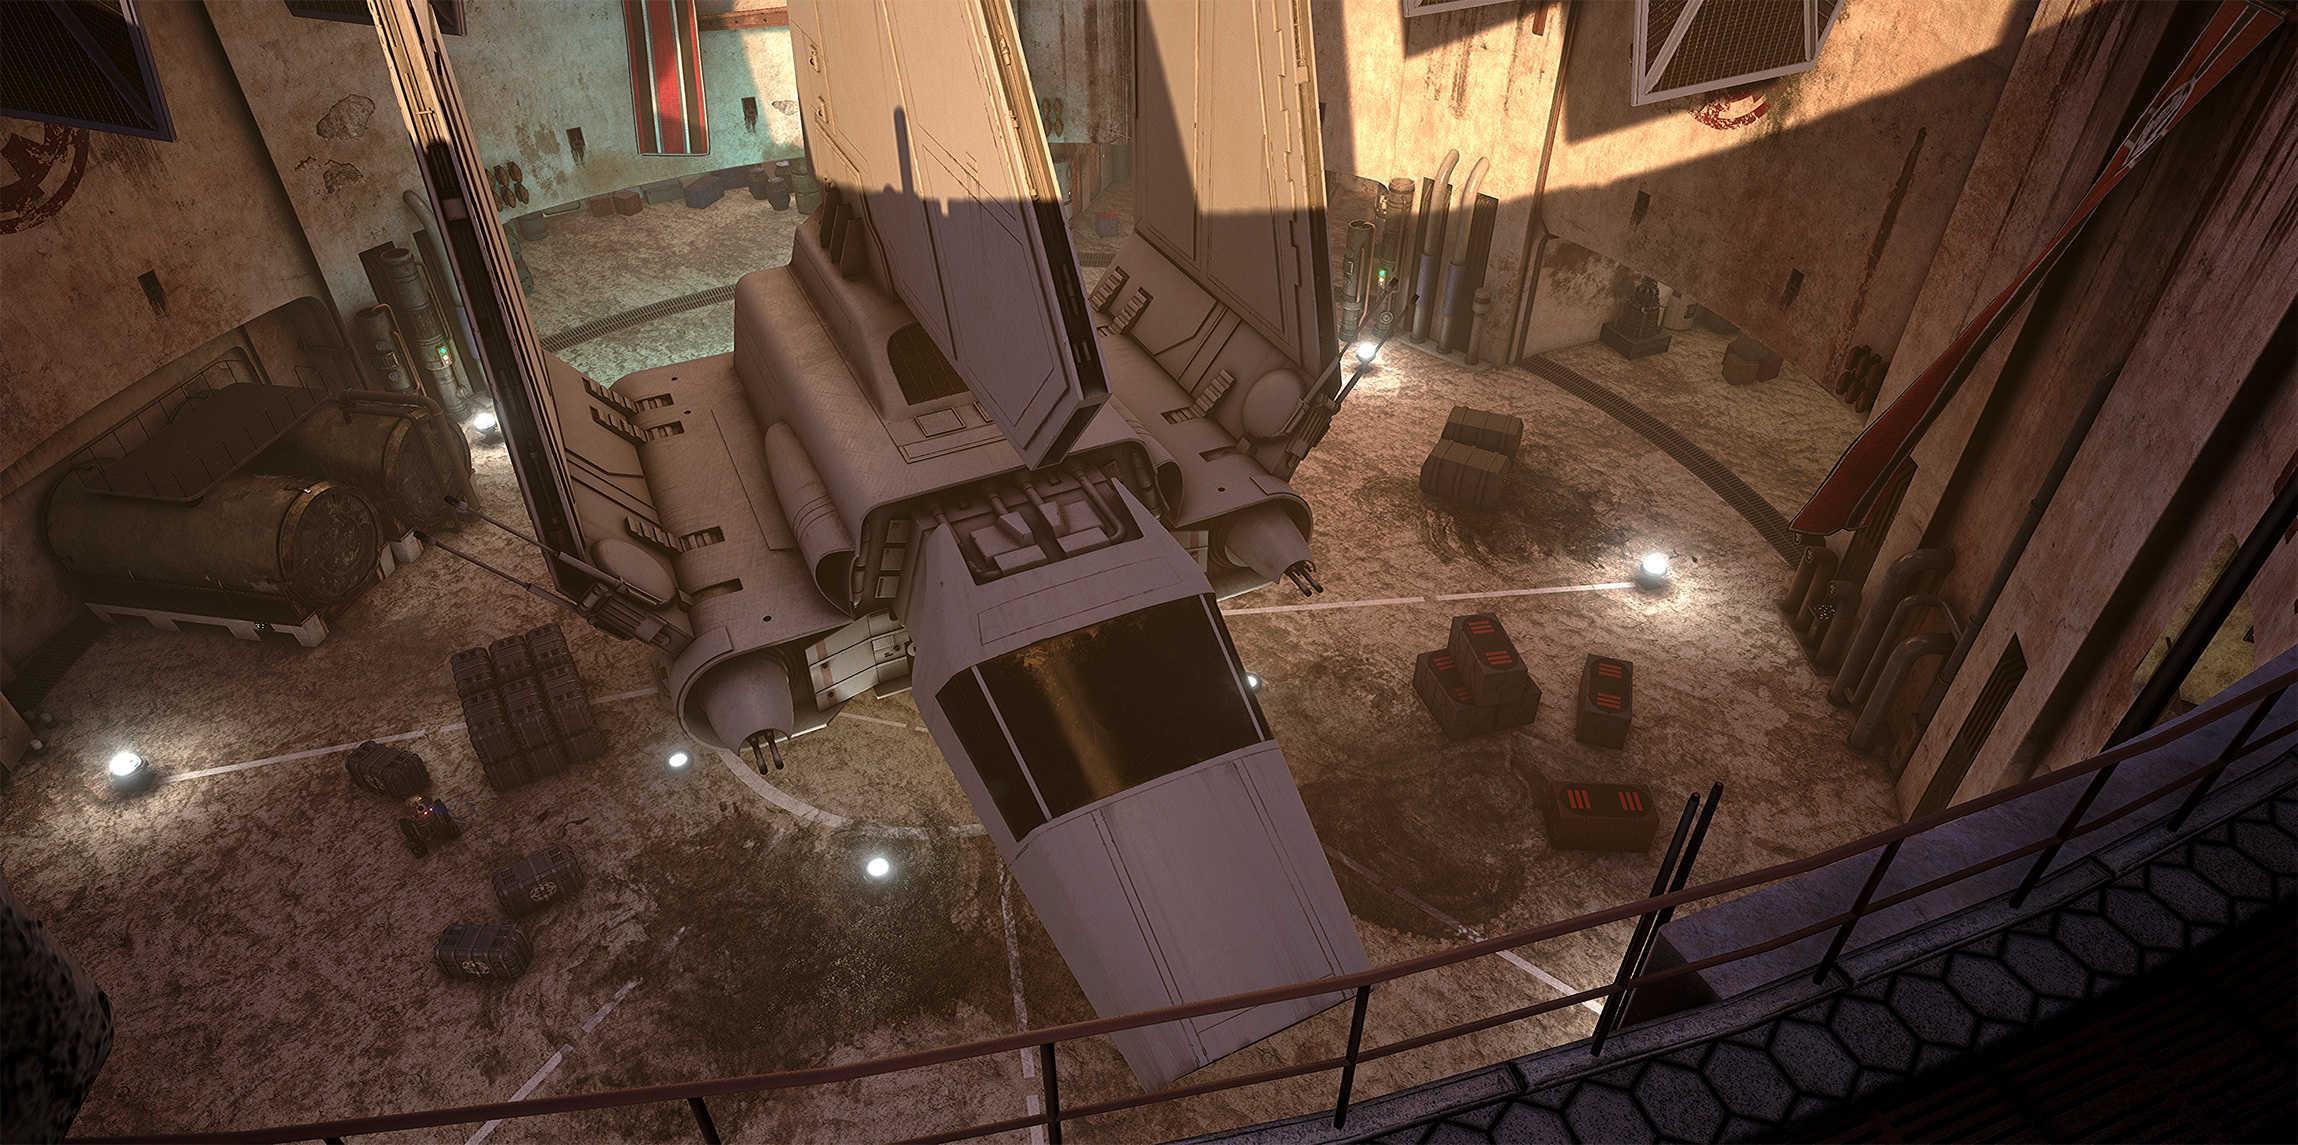 Vývojáři z Obsidianu vytvořili překrásnou Star Wars scenérii v enginu Unreal 4 130532